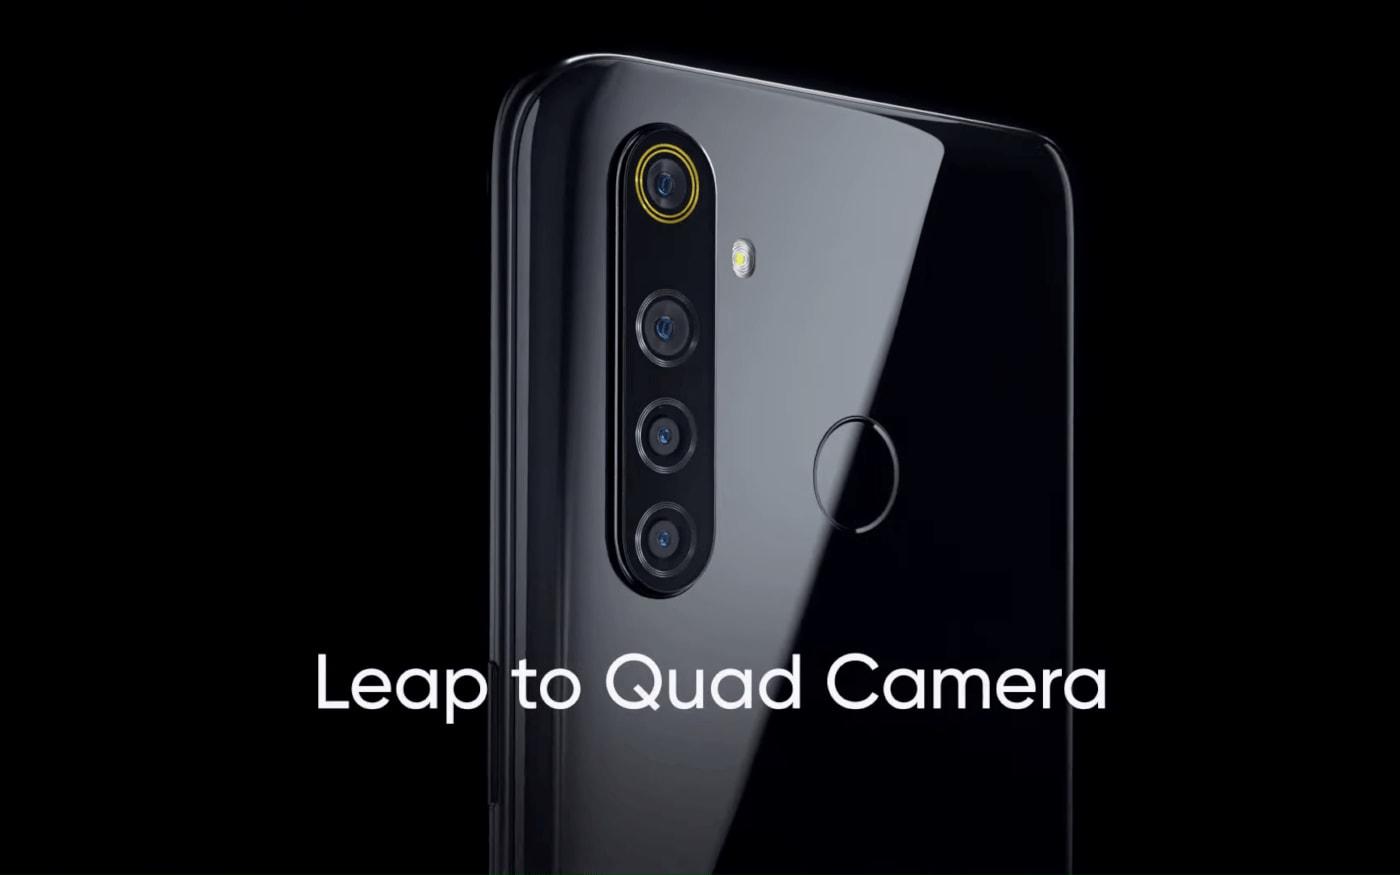 Vaza foto da tela do Realme 5 Pro com suas especificações técnicas